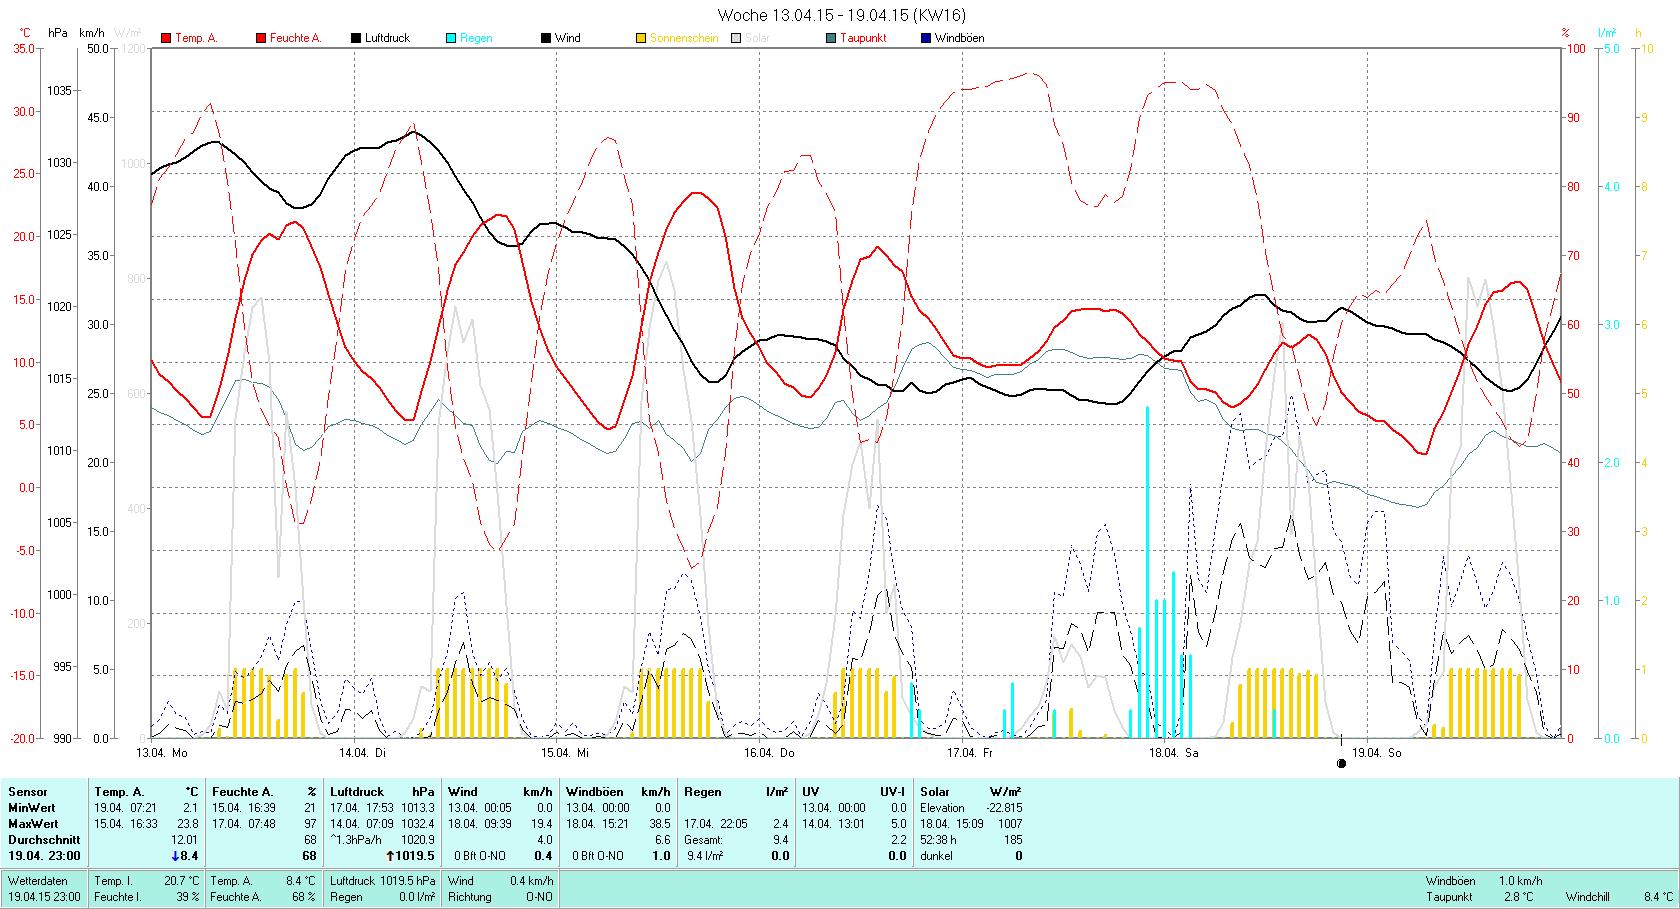 KW 16 Tmin  2.1°C, Tmax 23.8°C, Sonne 52:38h, Niederschlag 9.4mm/2